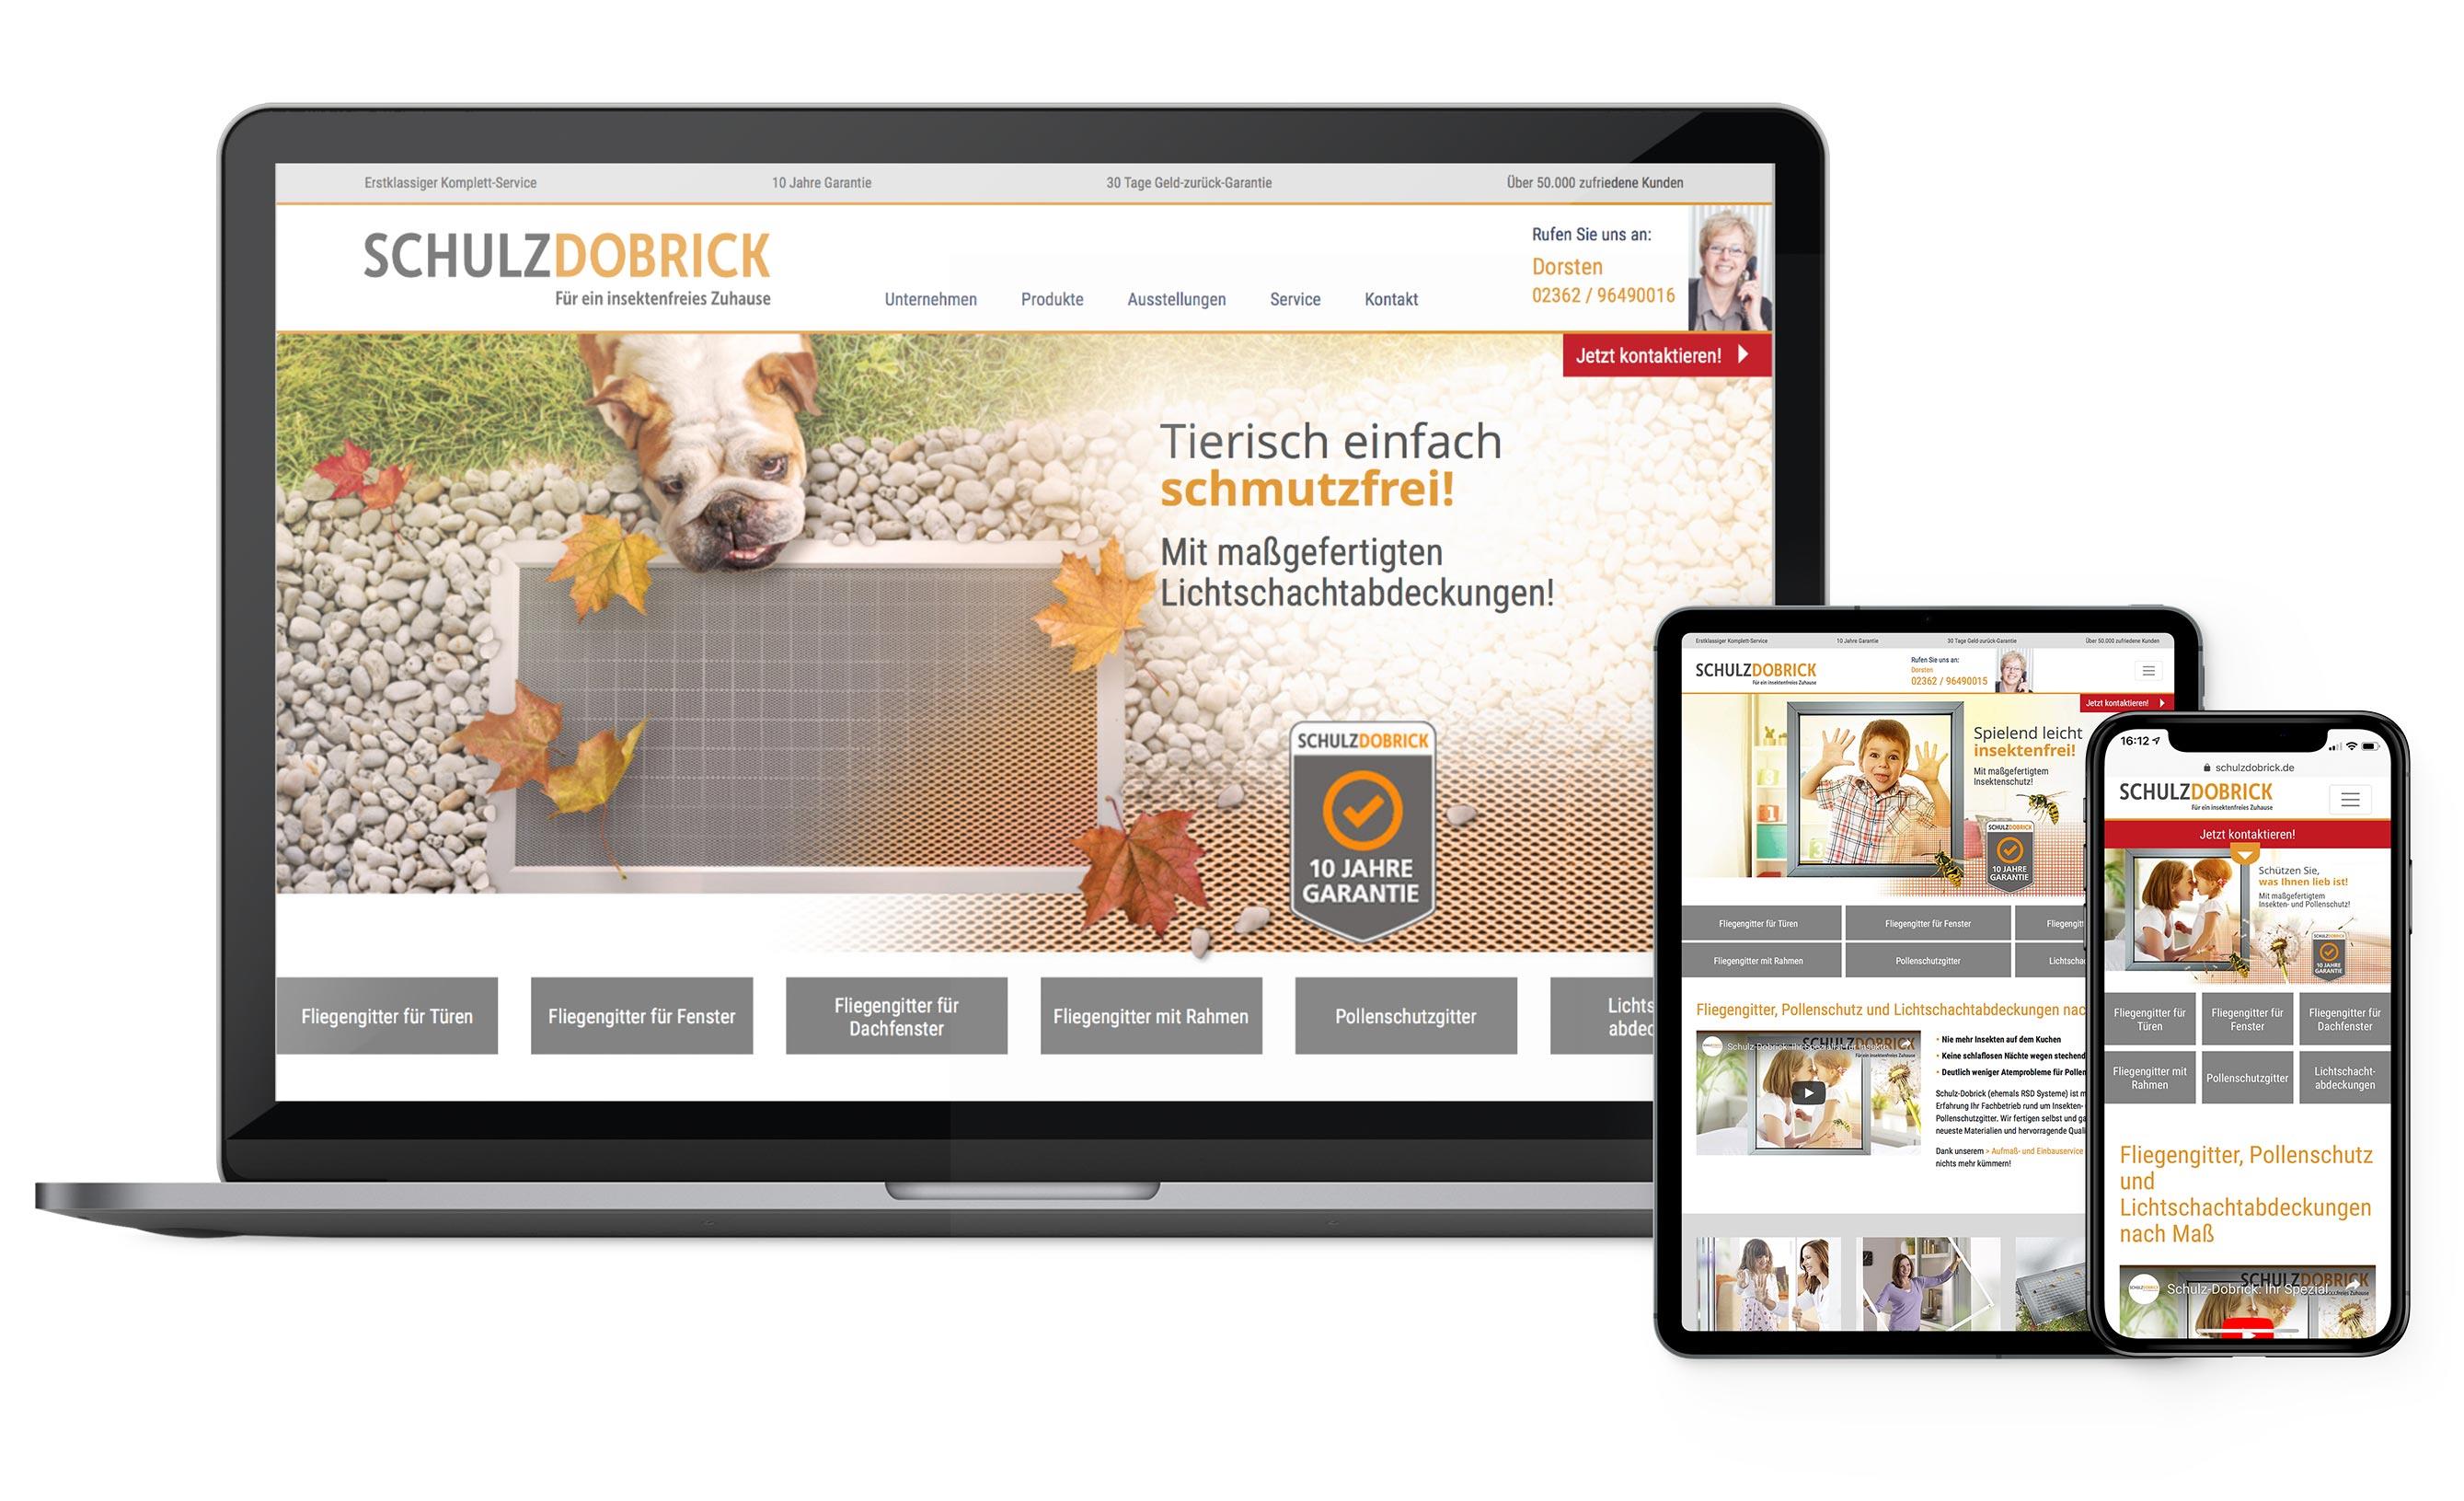 Onlinepräsenz im Rahmen des Gesamtkonzeptes für Schulz-Dobrick - Landingpages, Keyvisuals, SEO-optimierter Content, Produktseiten, Content-Strategie